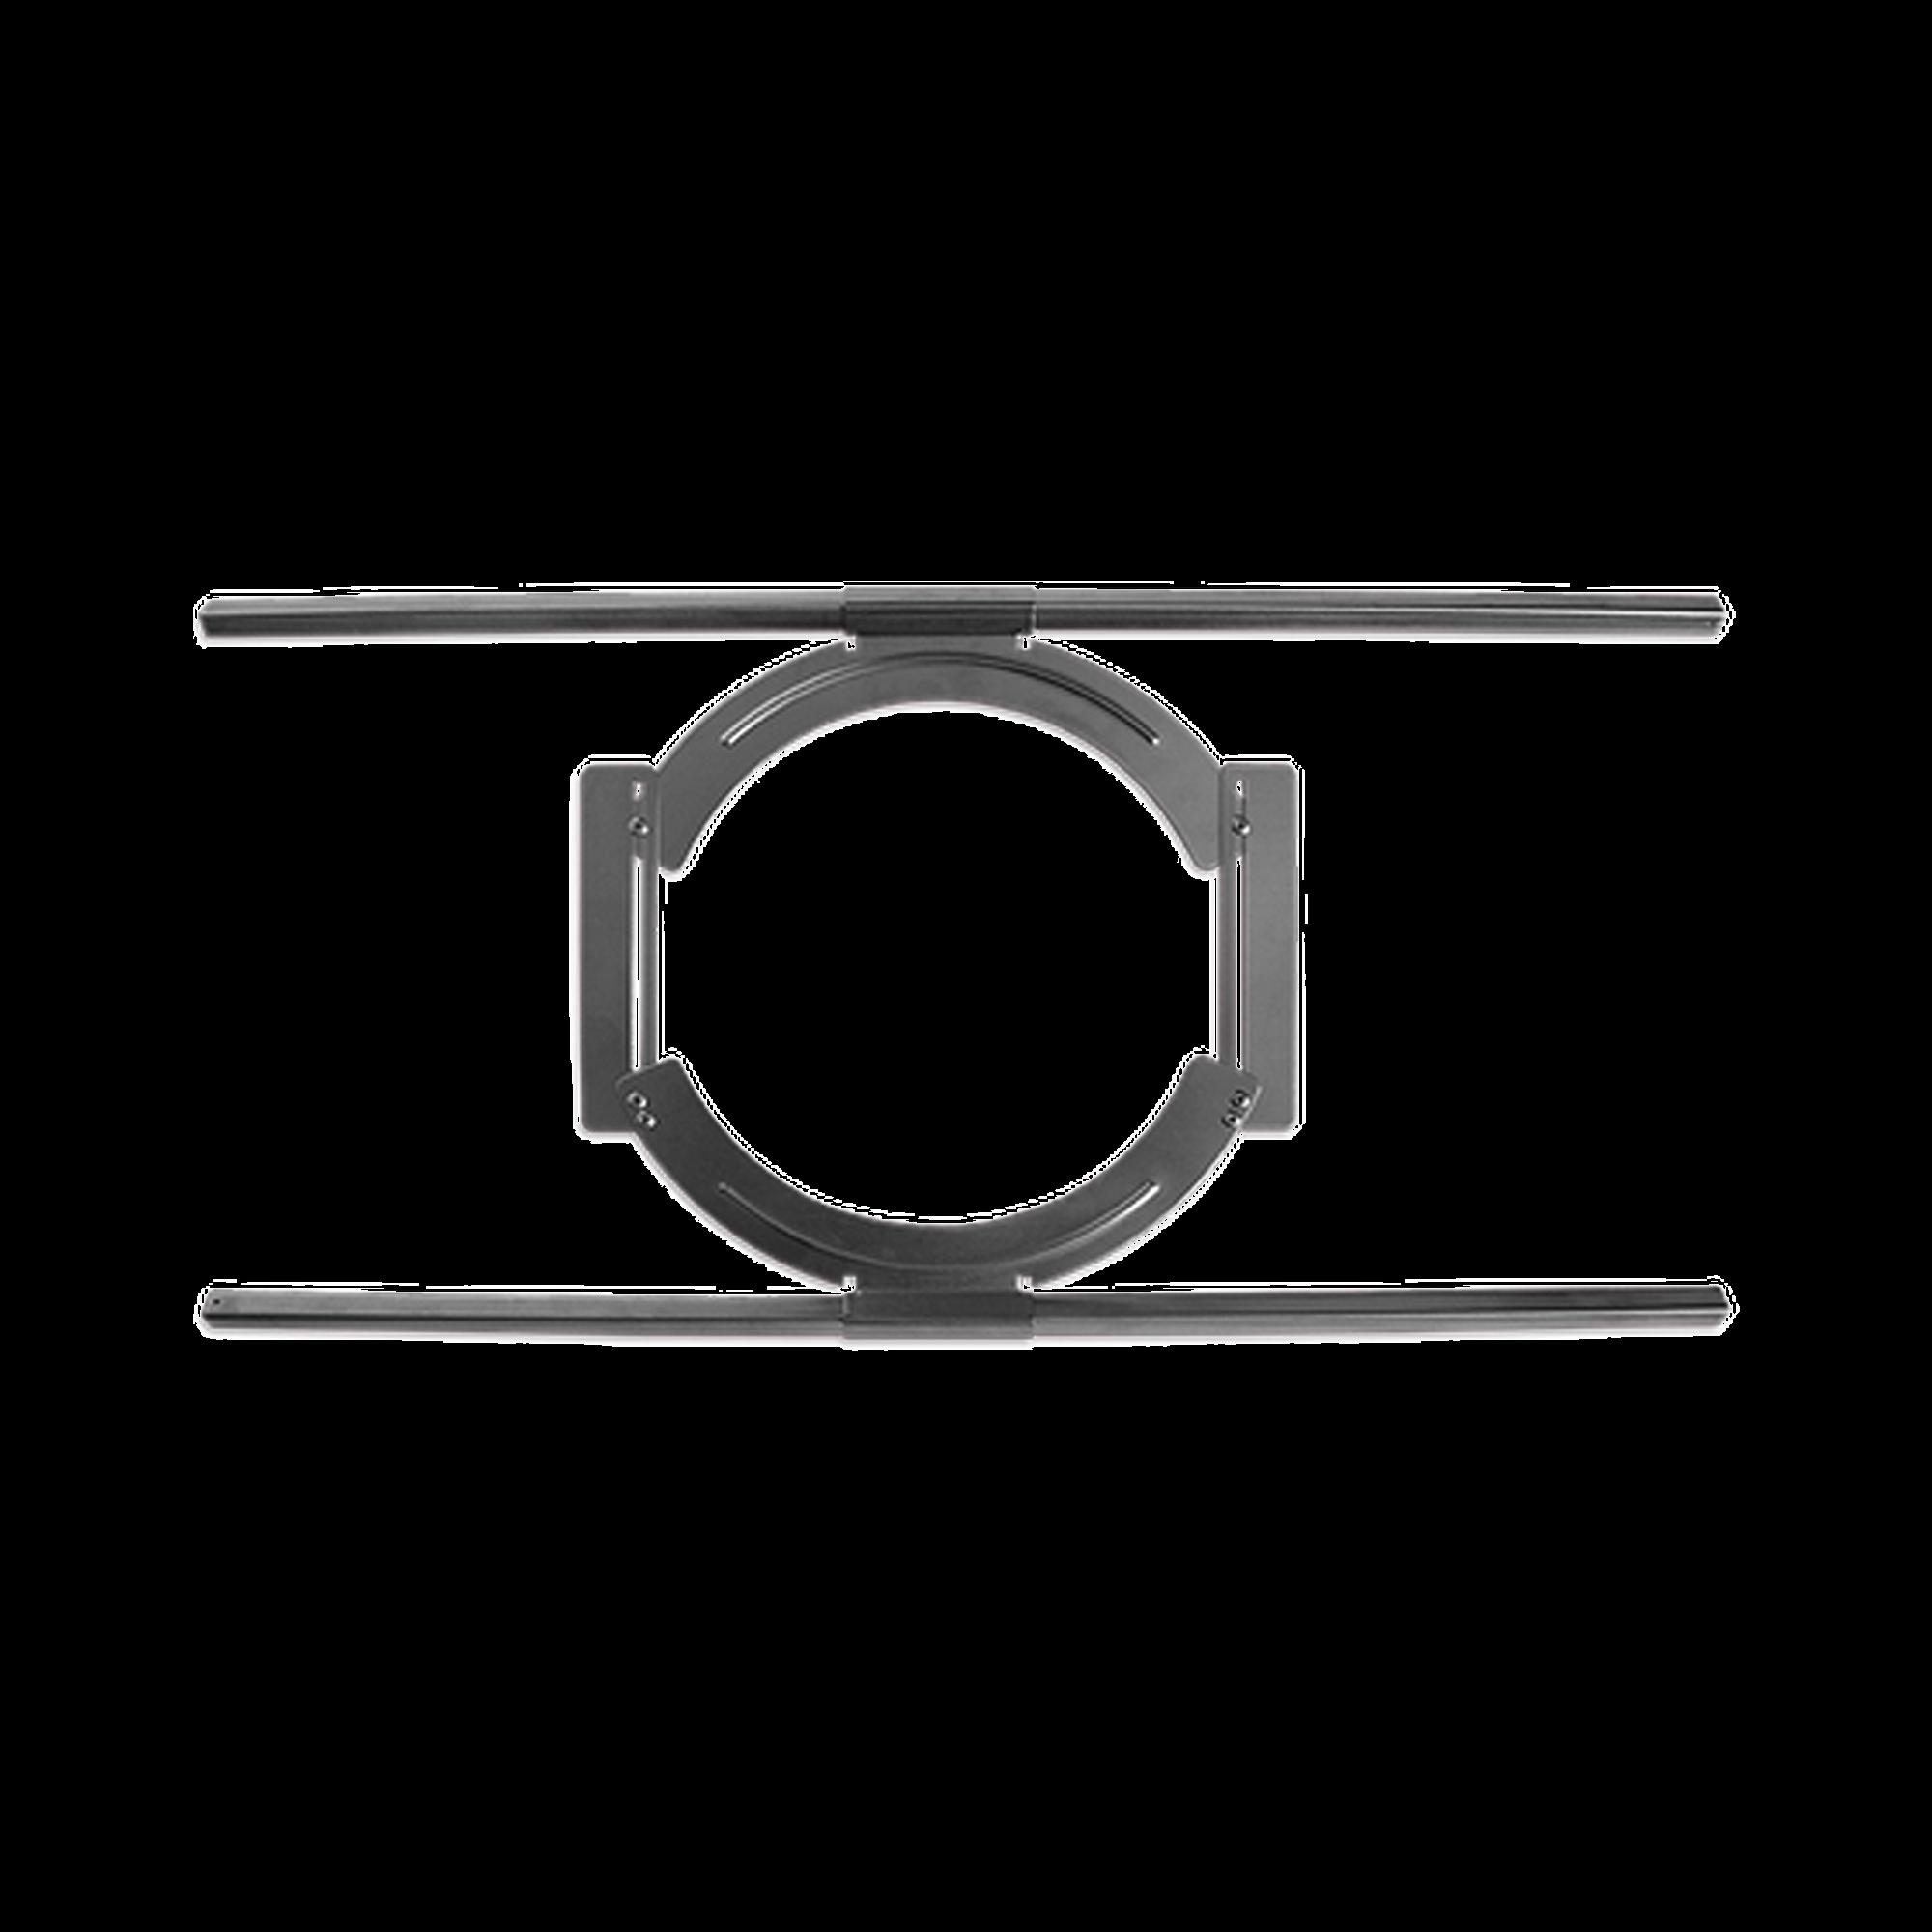 Soporte de techo abatible ajustable para 6.5 y 8 LC, SP, CP, PP, PDP, PG, GP, GG, GGD, GC y CL-70V-6.